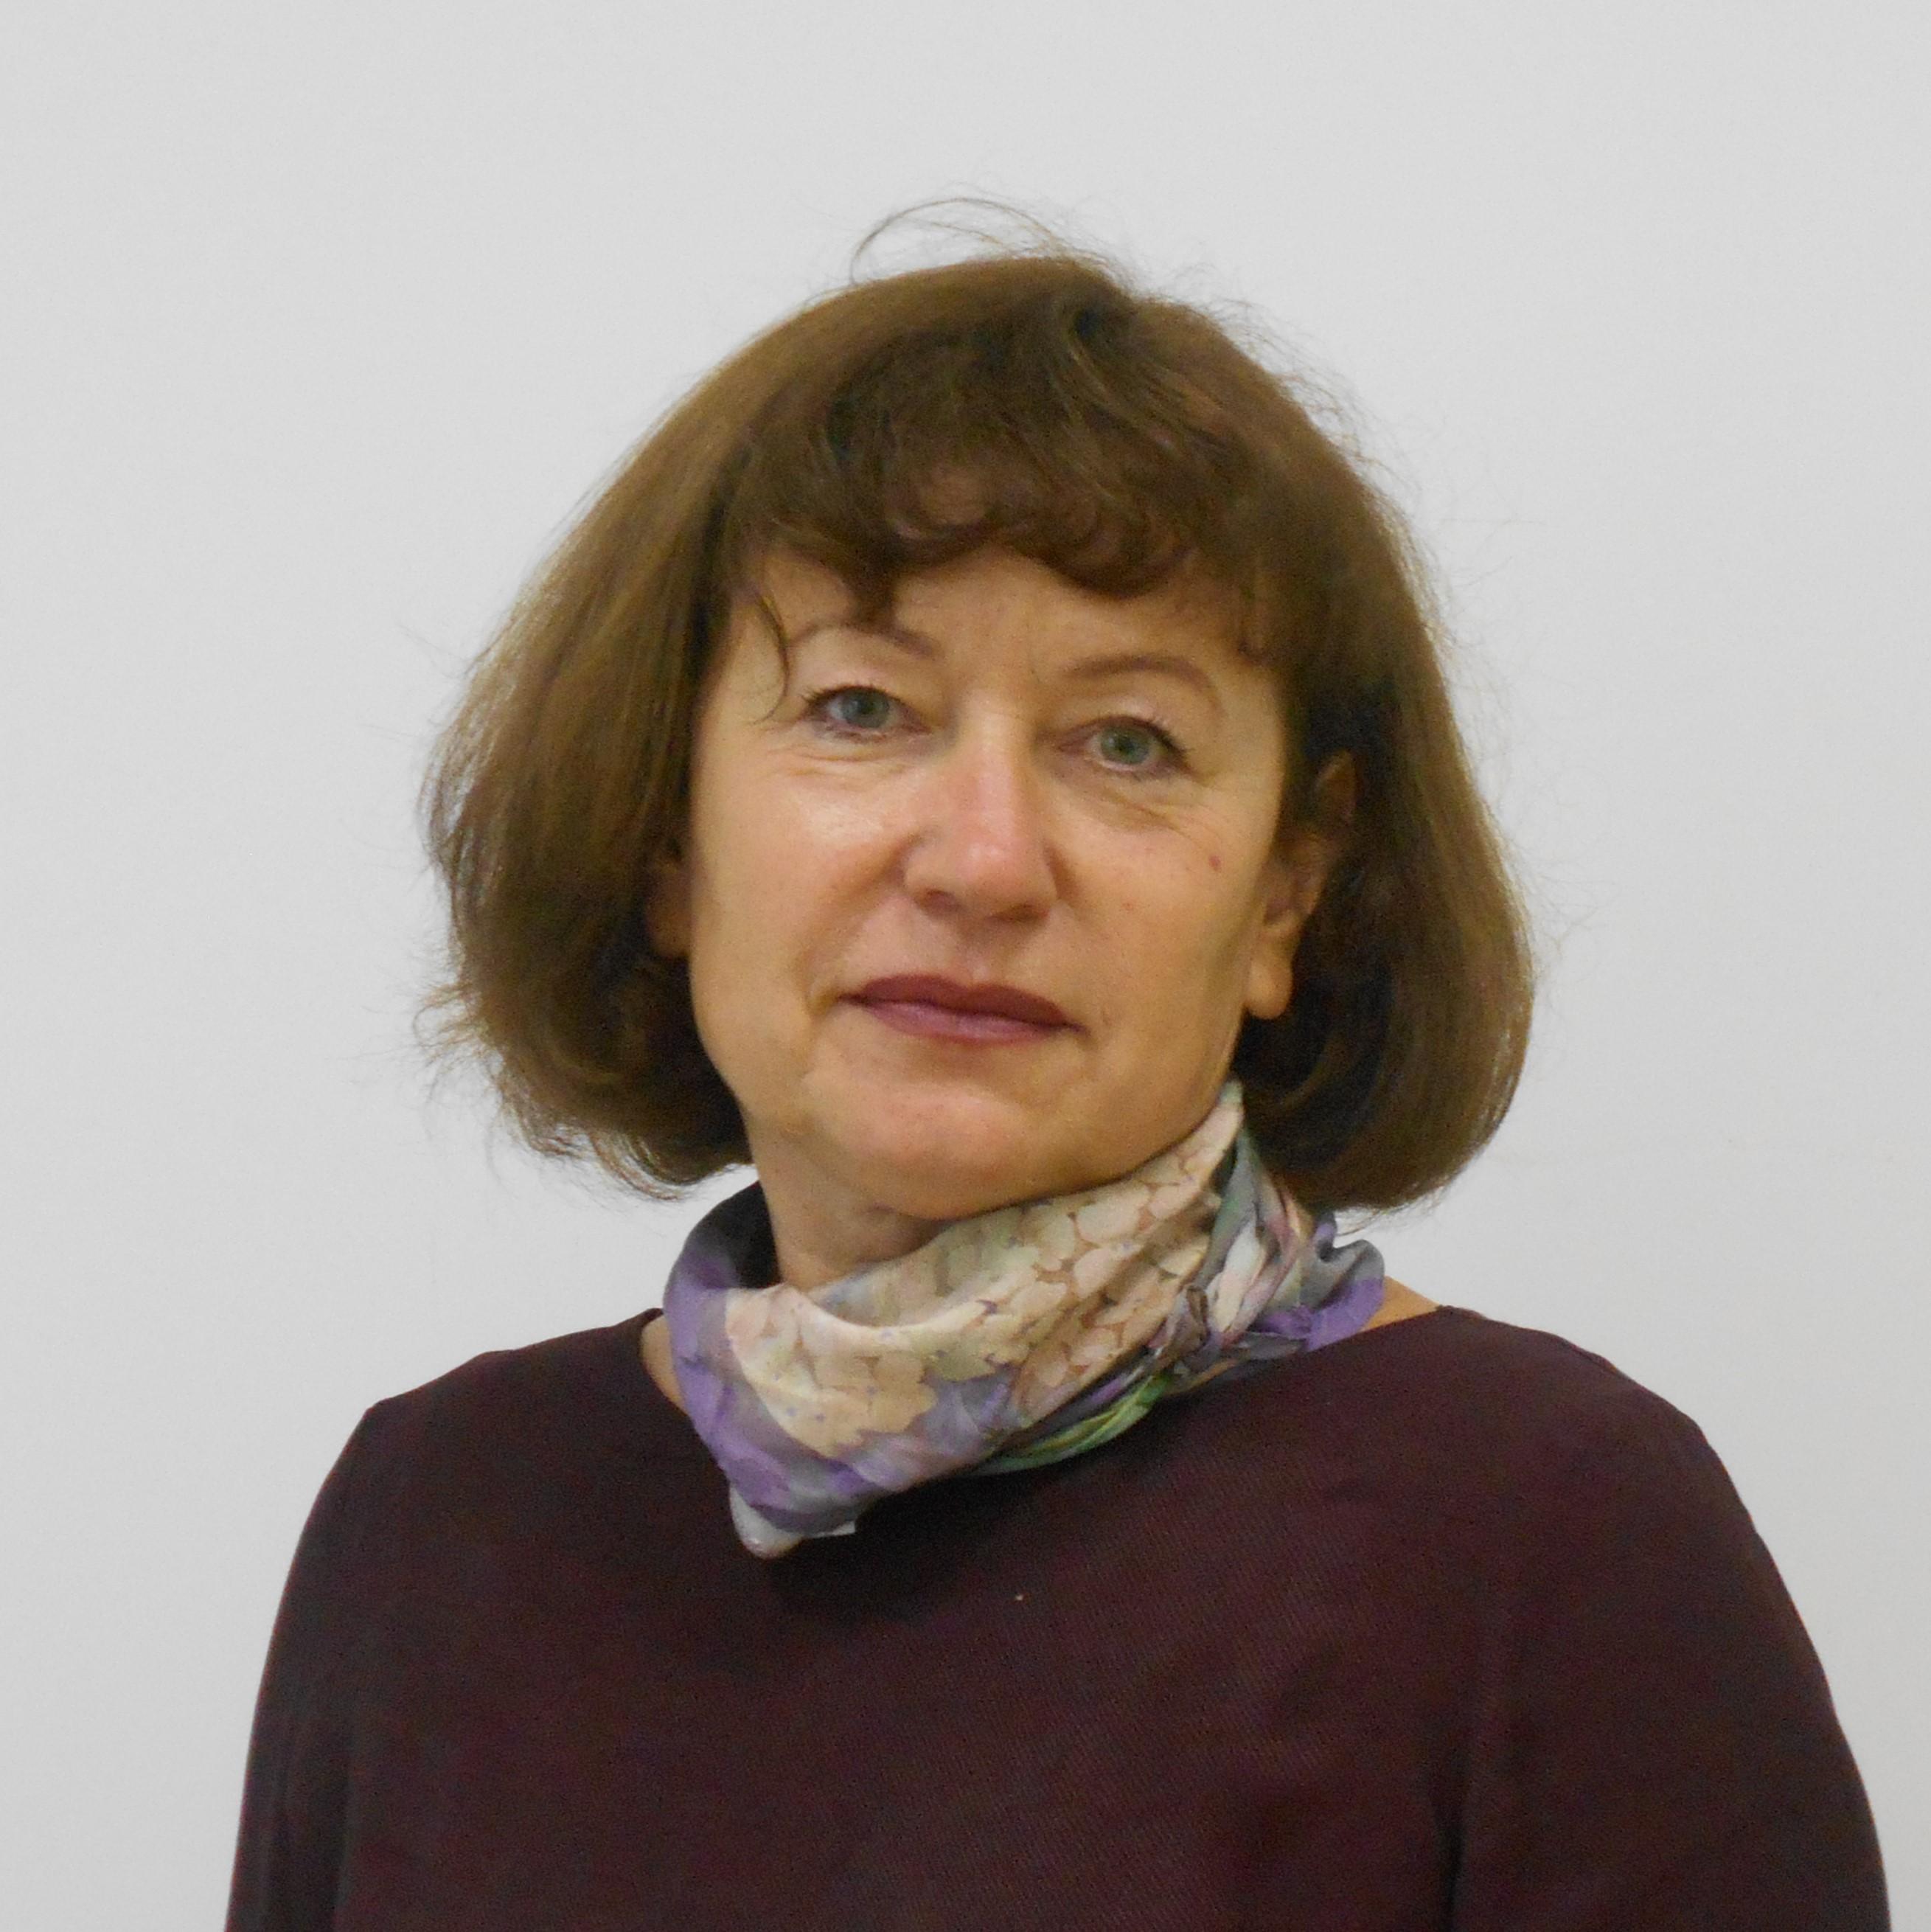 Ассуирова Лариса Владимировна